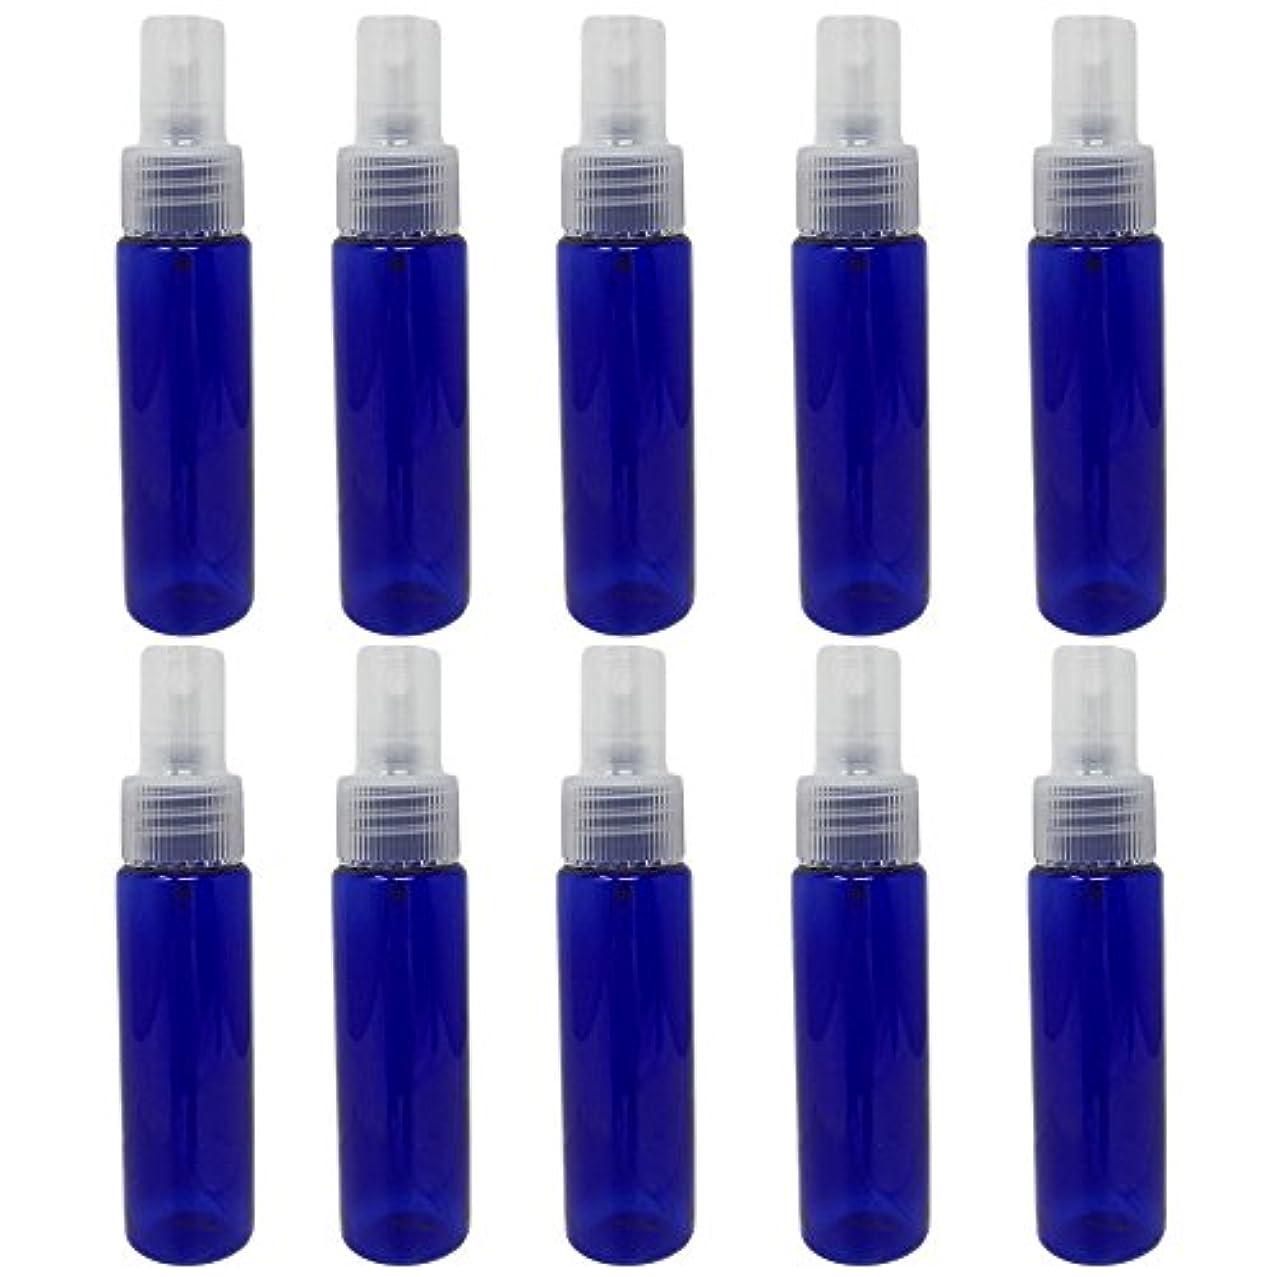 作成する部分的にアレイ[pkpohs] スプレーボトル 霧吹き スプレー 小分け ボトル 保存容器 化粧水 コスメ 携帯用 (30ml/10本)